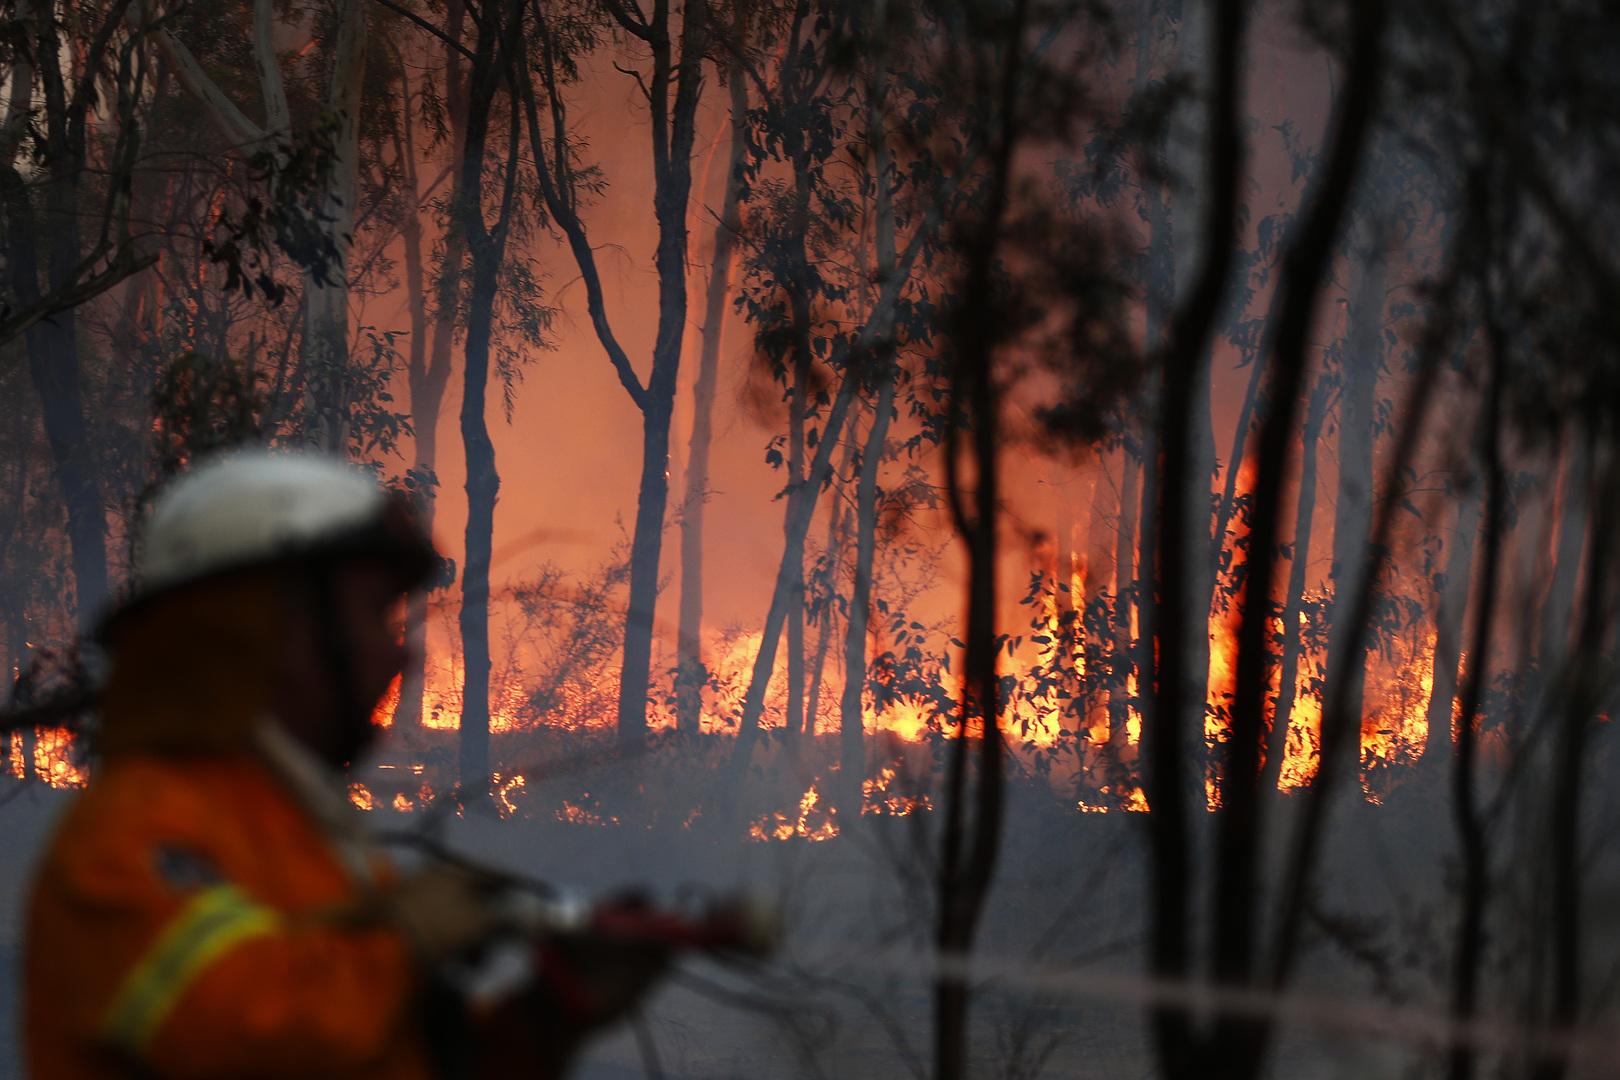 الحرائق في استراليا. الصورة: أرشيف.